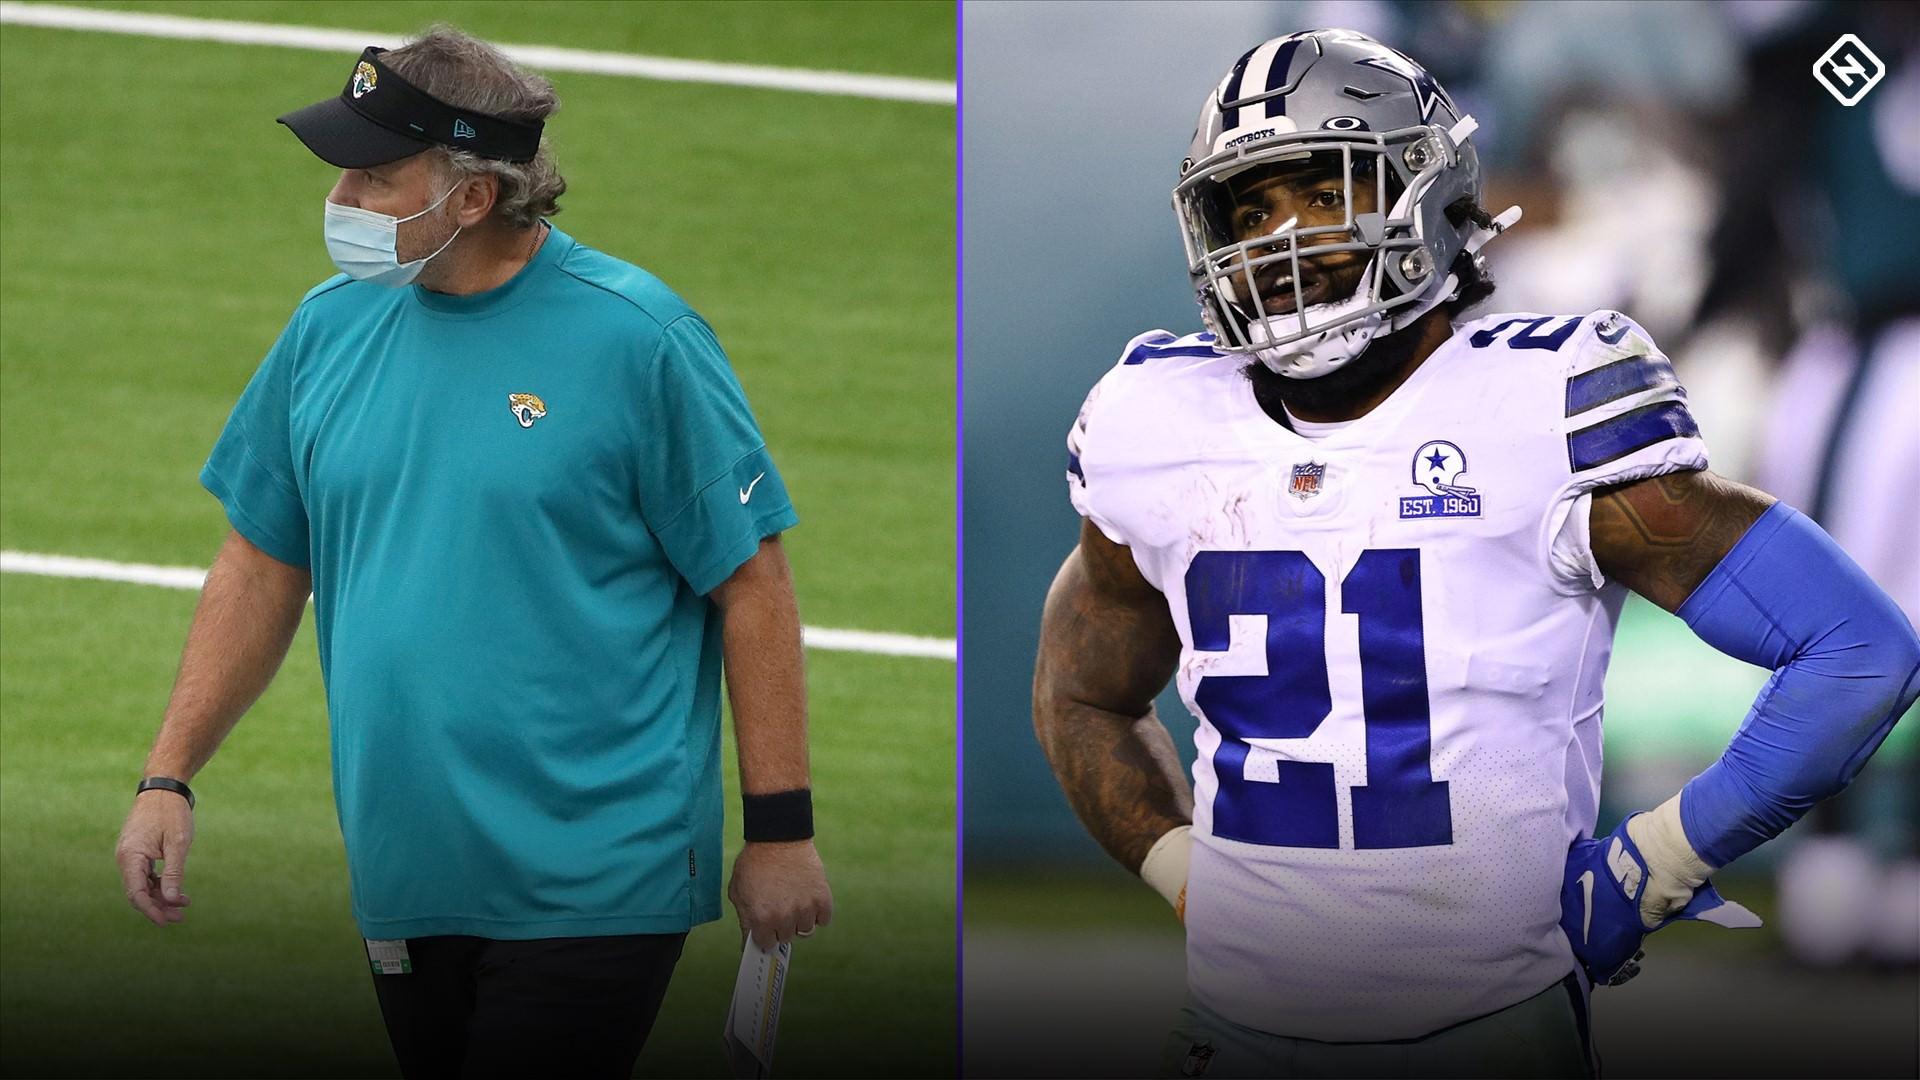 Ordem de draft da NFL atualizada para 2021: Cowboys passam para os três primeiros lugares, Jaguars saltam Giants com derrotas na semana 9